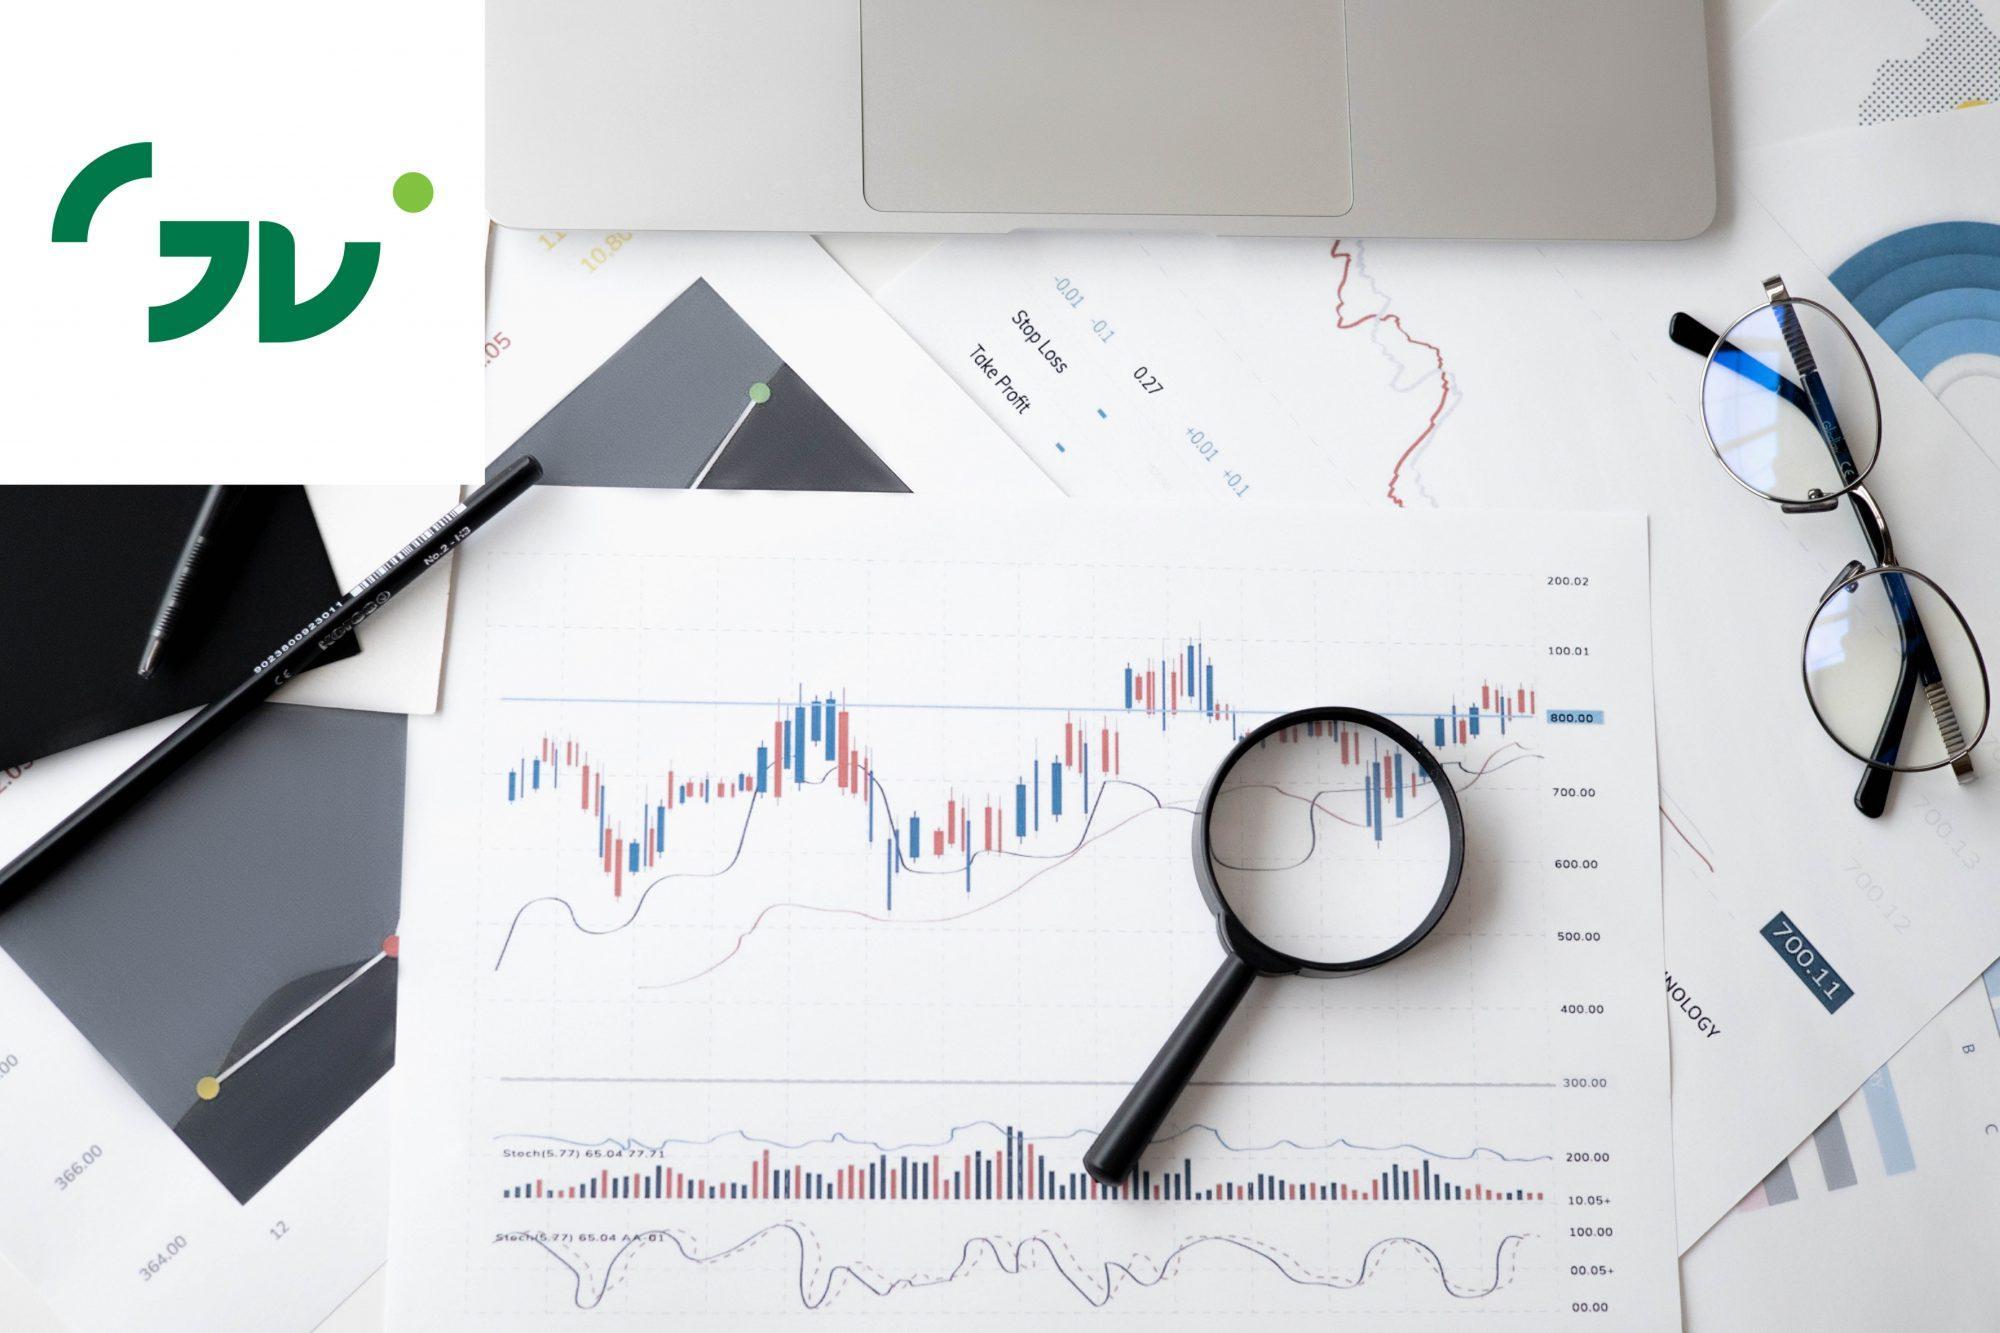 GVI, gazdaság és vállalkozáskutató intézet, felmérés